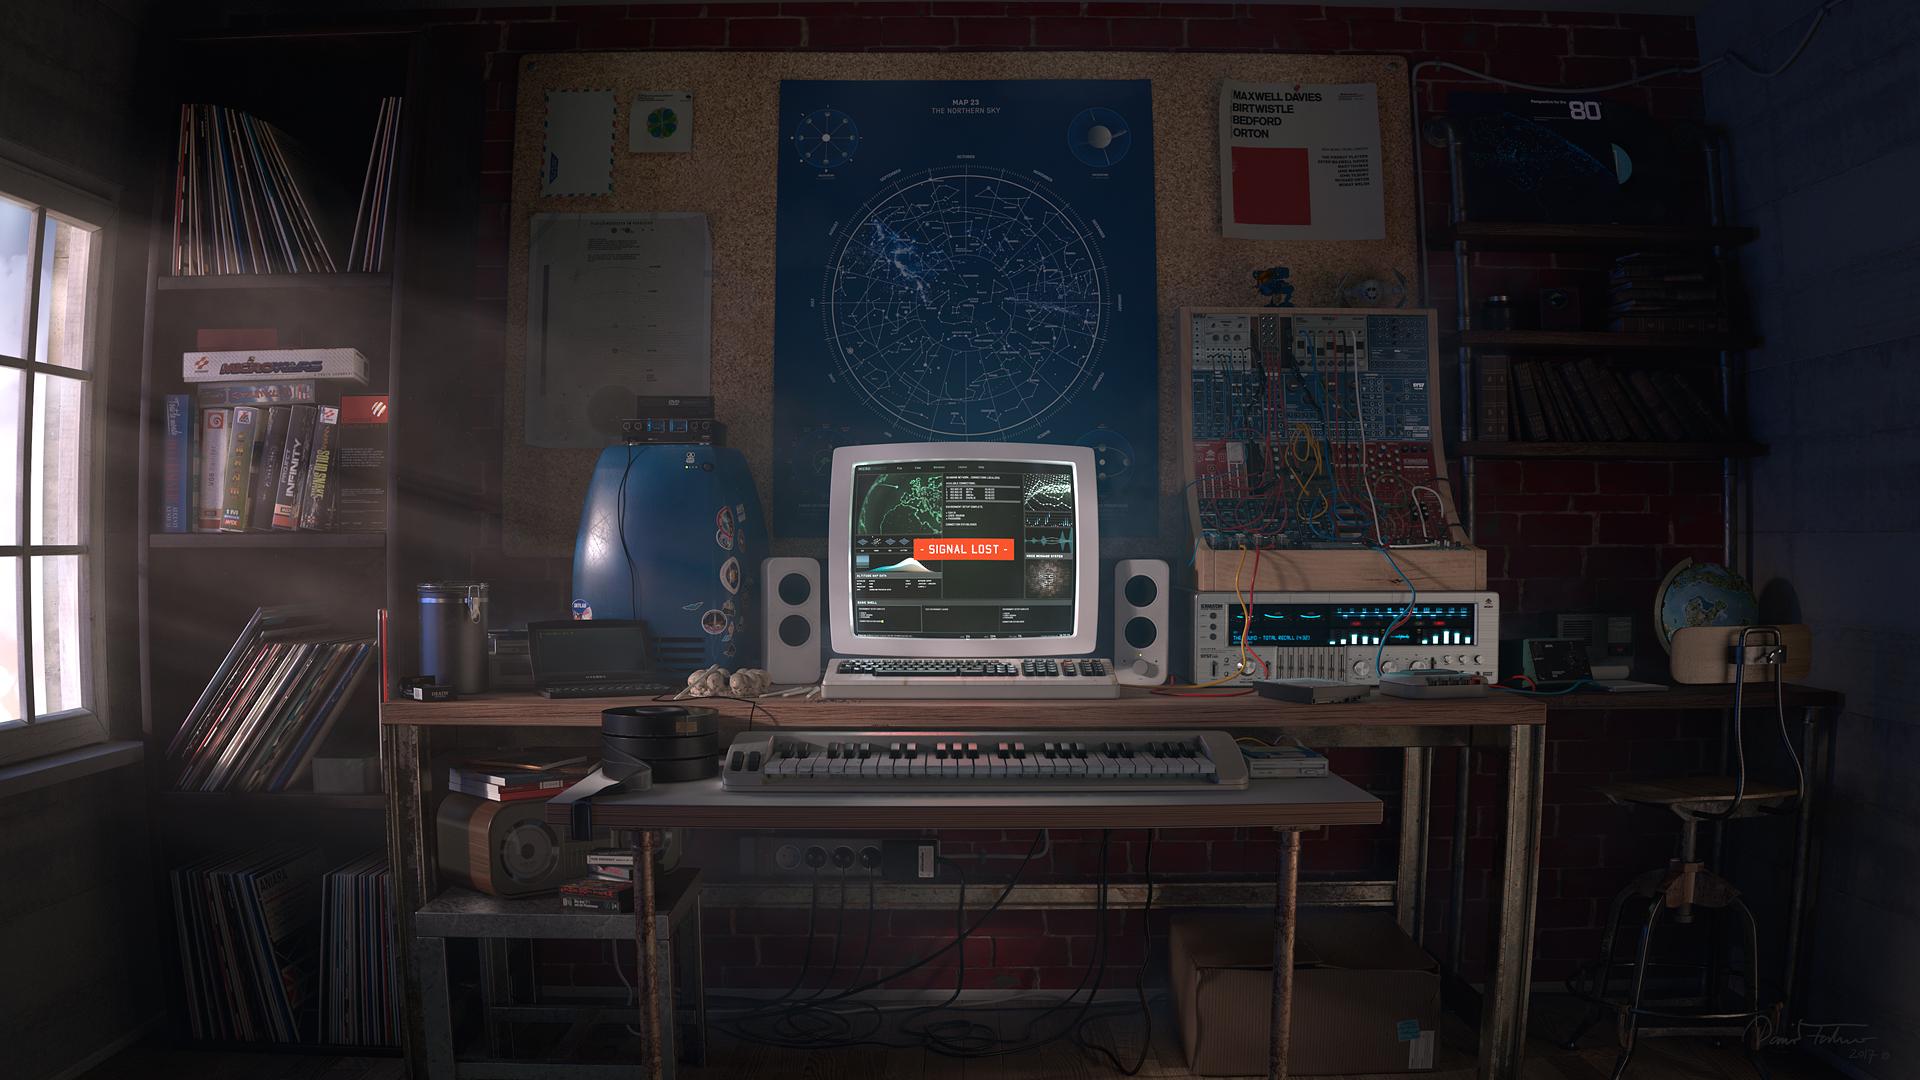 General 1920x1080 digital art computer map interior room